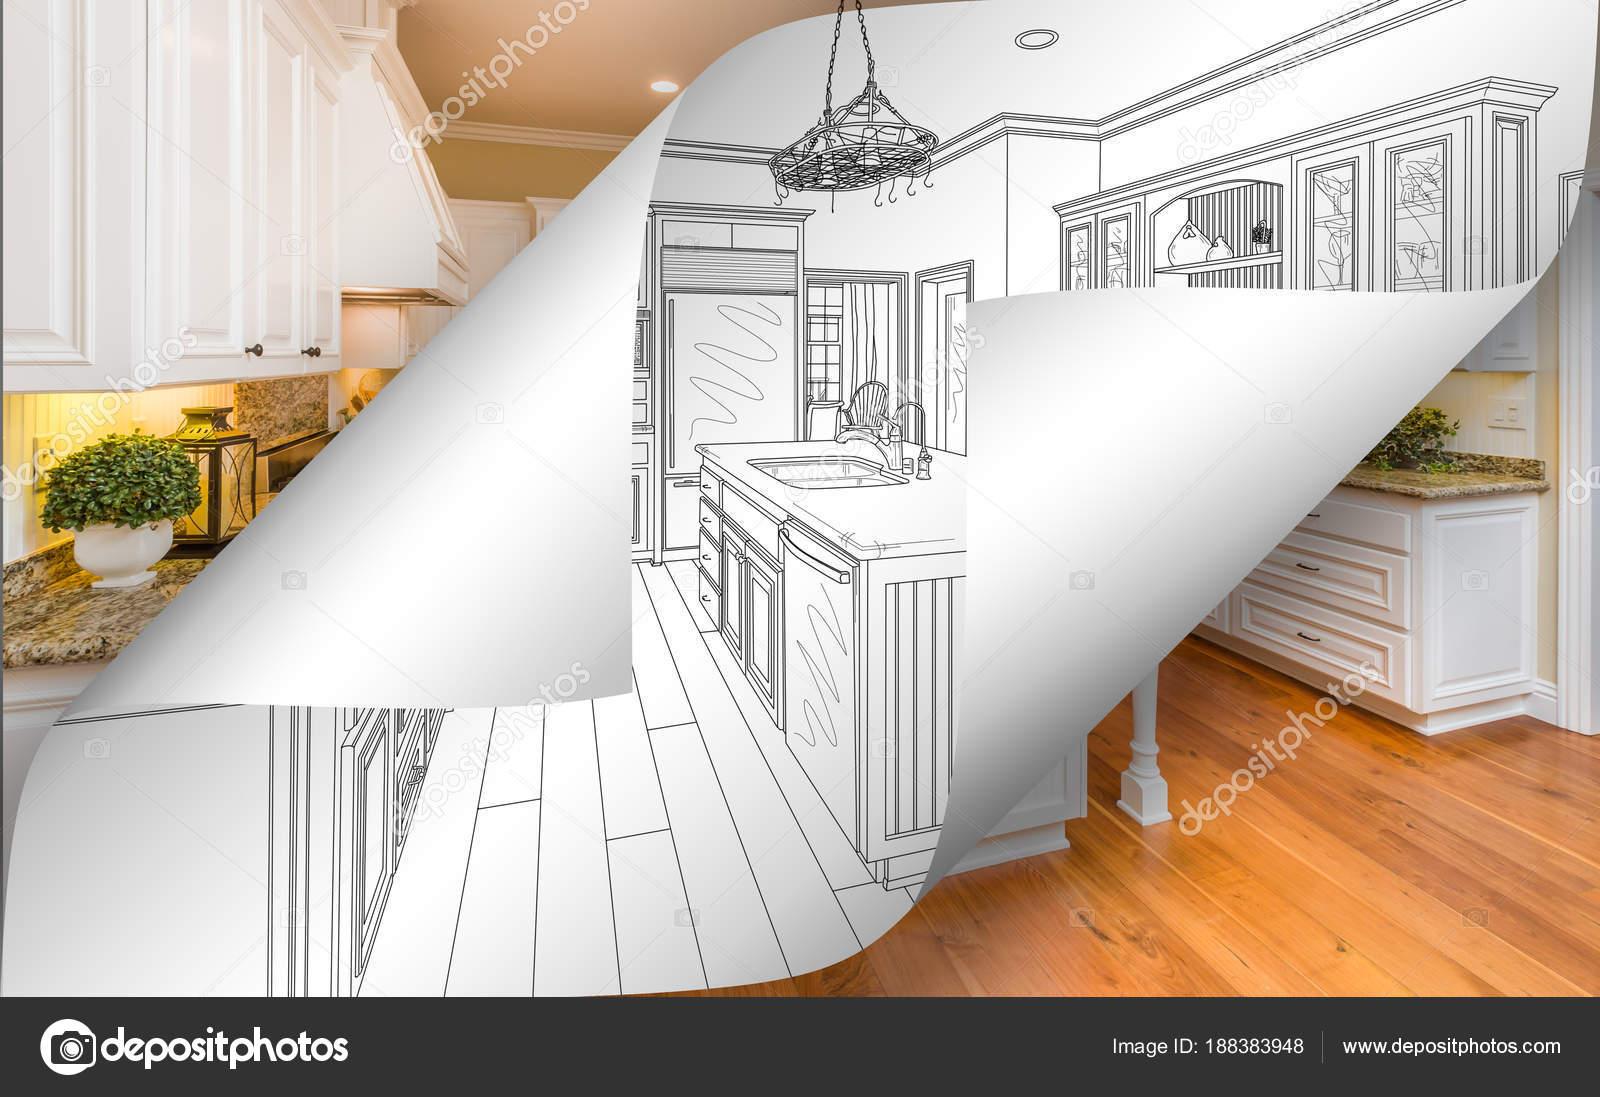 Bancos Cocina | Cocina Dibujo Pagina Esquinas Con La Foto Detras De Los Bancos